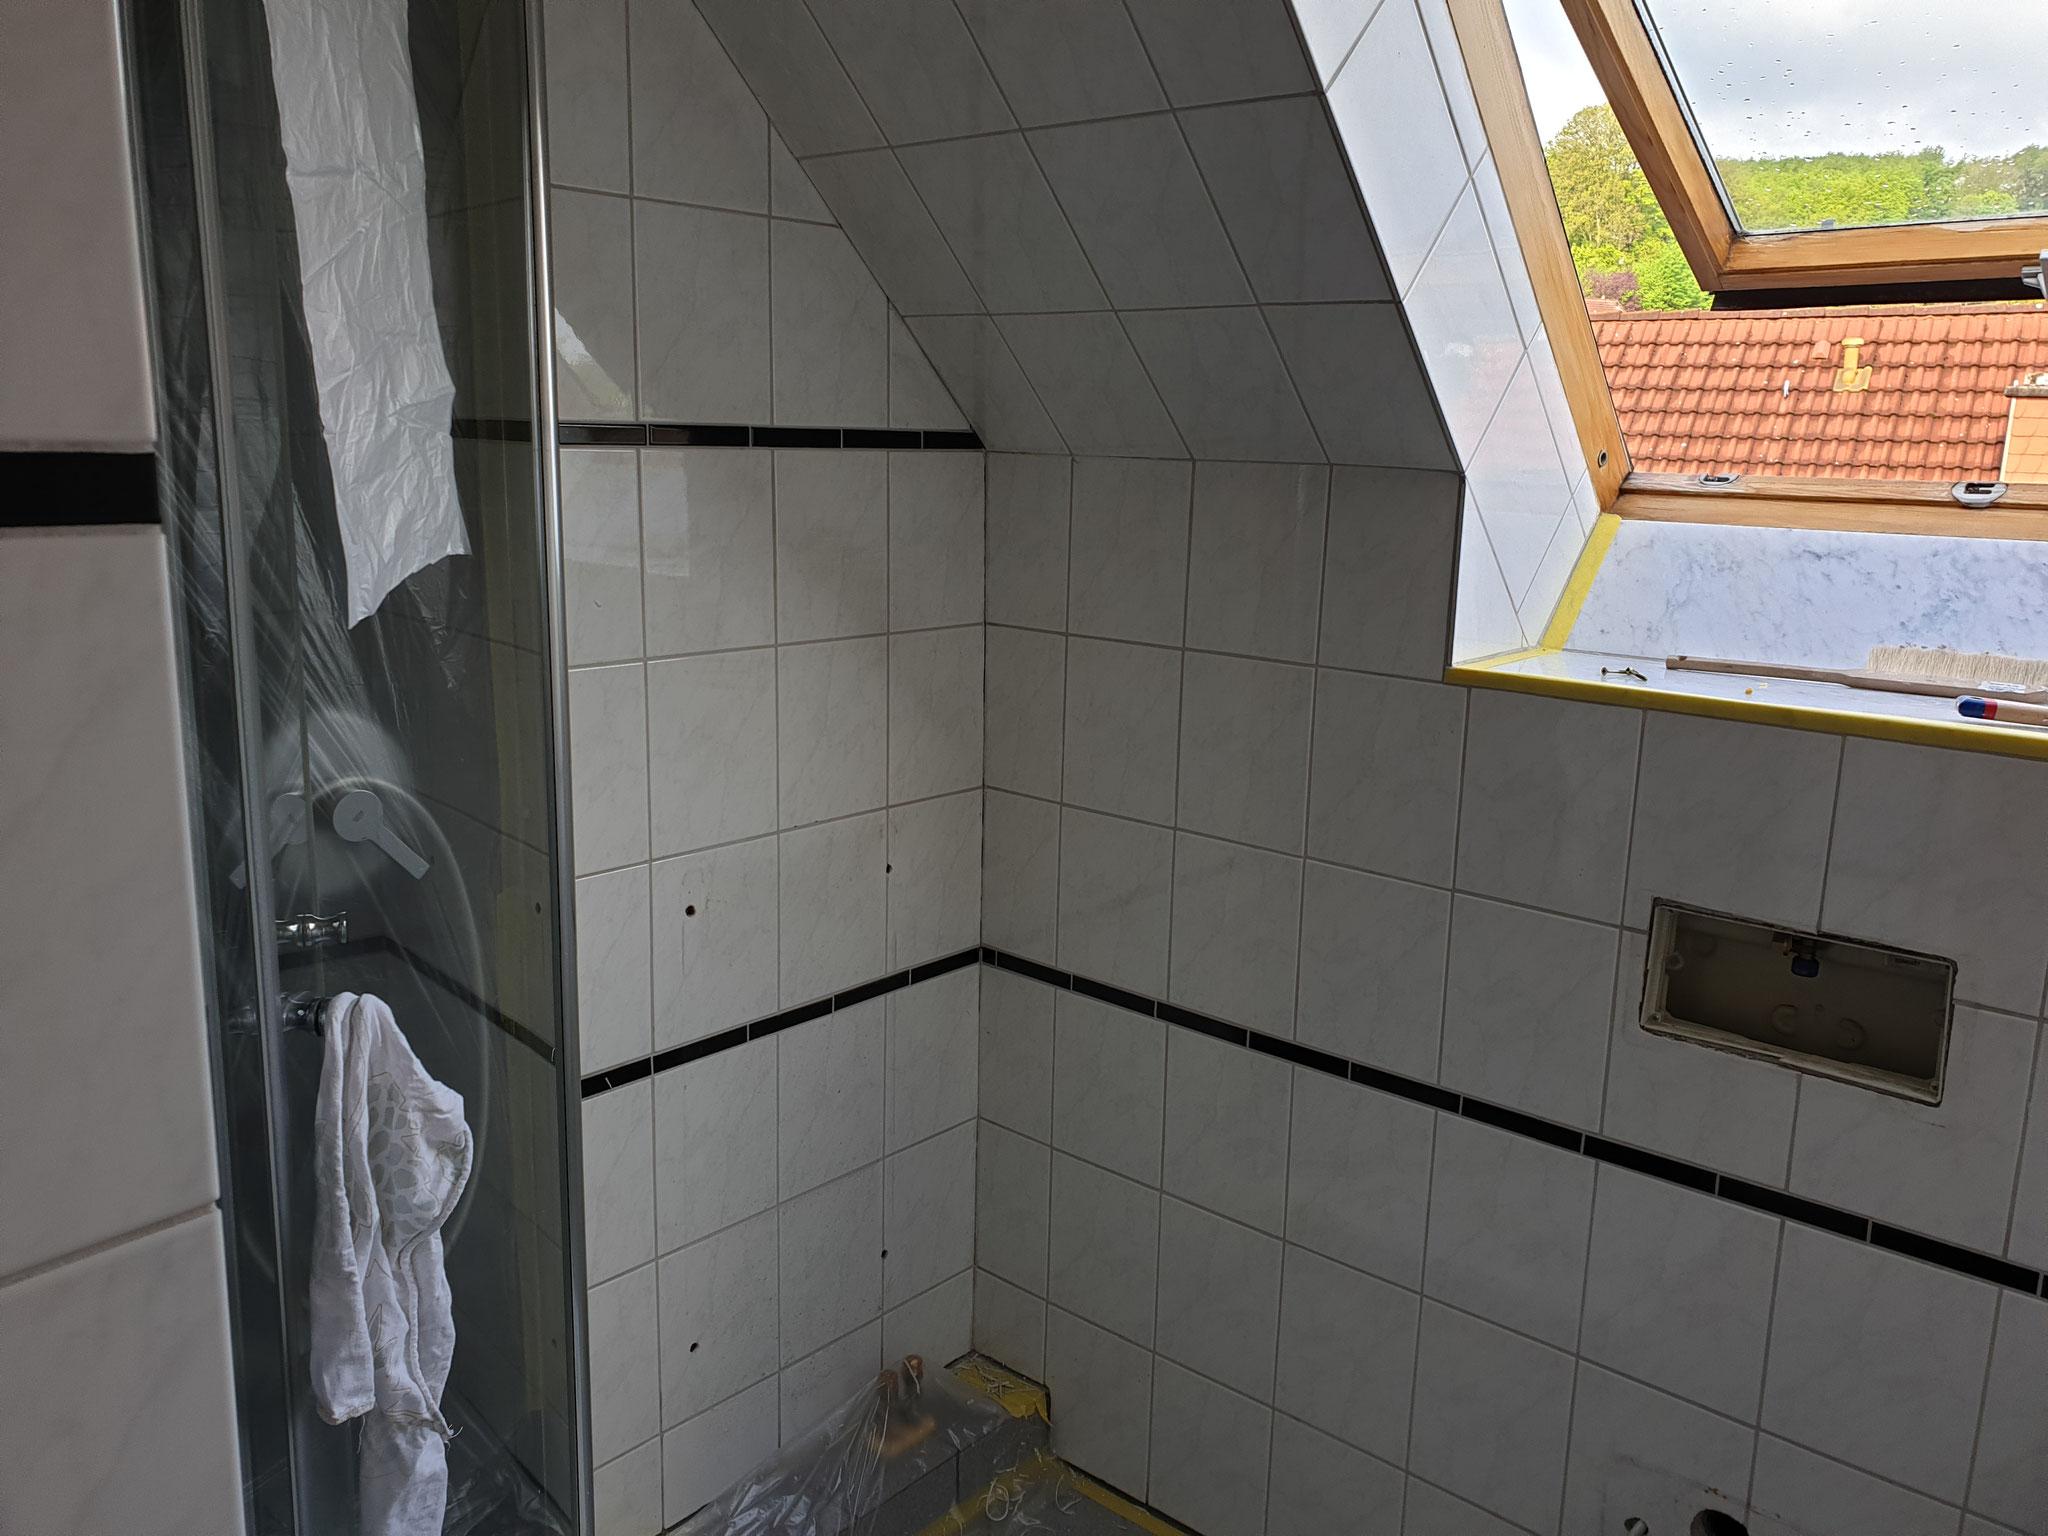 Badezimmer vor der Renovierung.